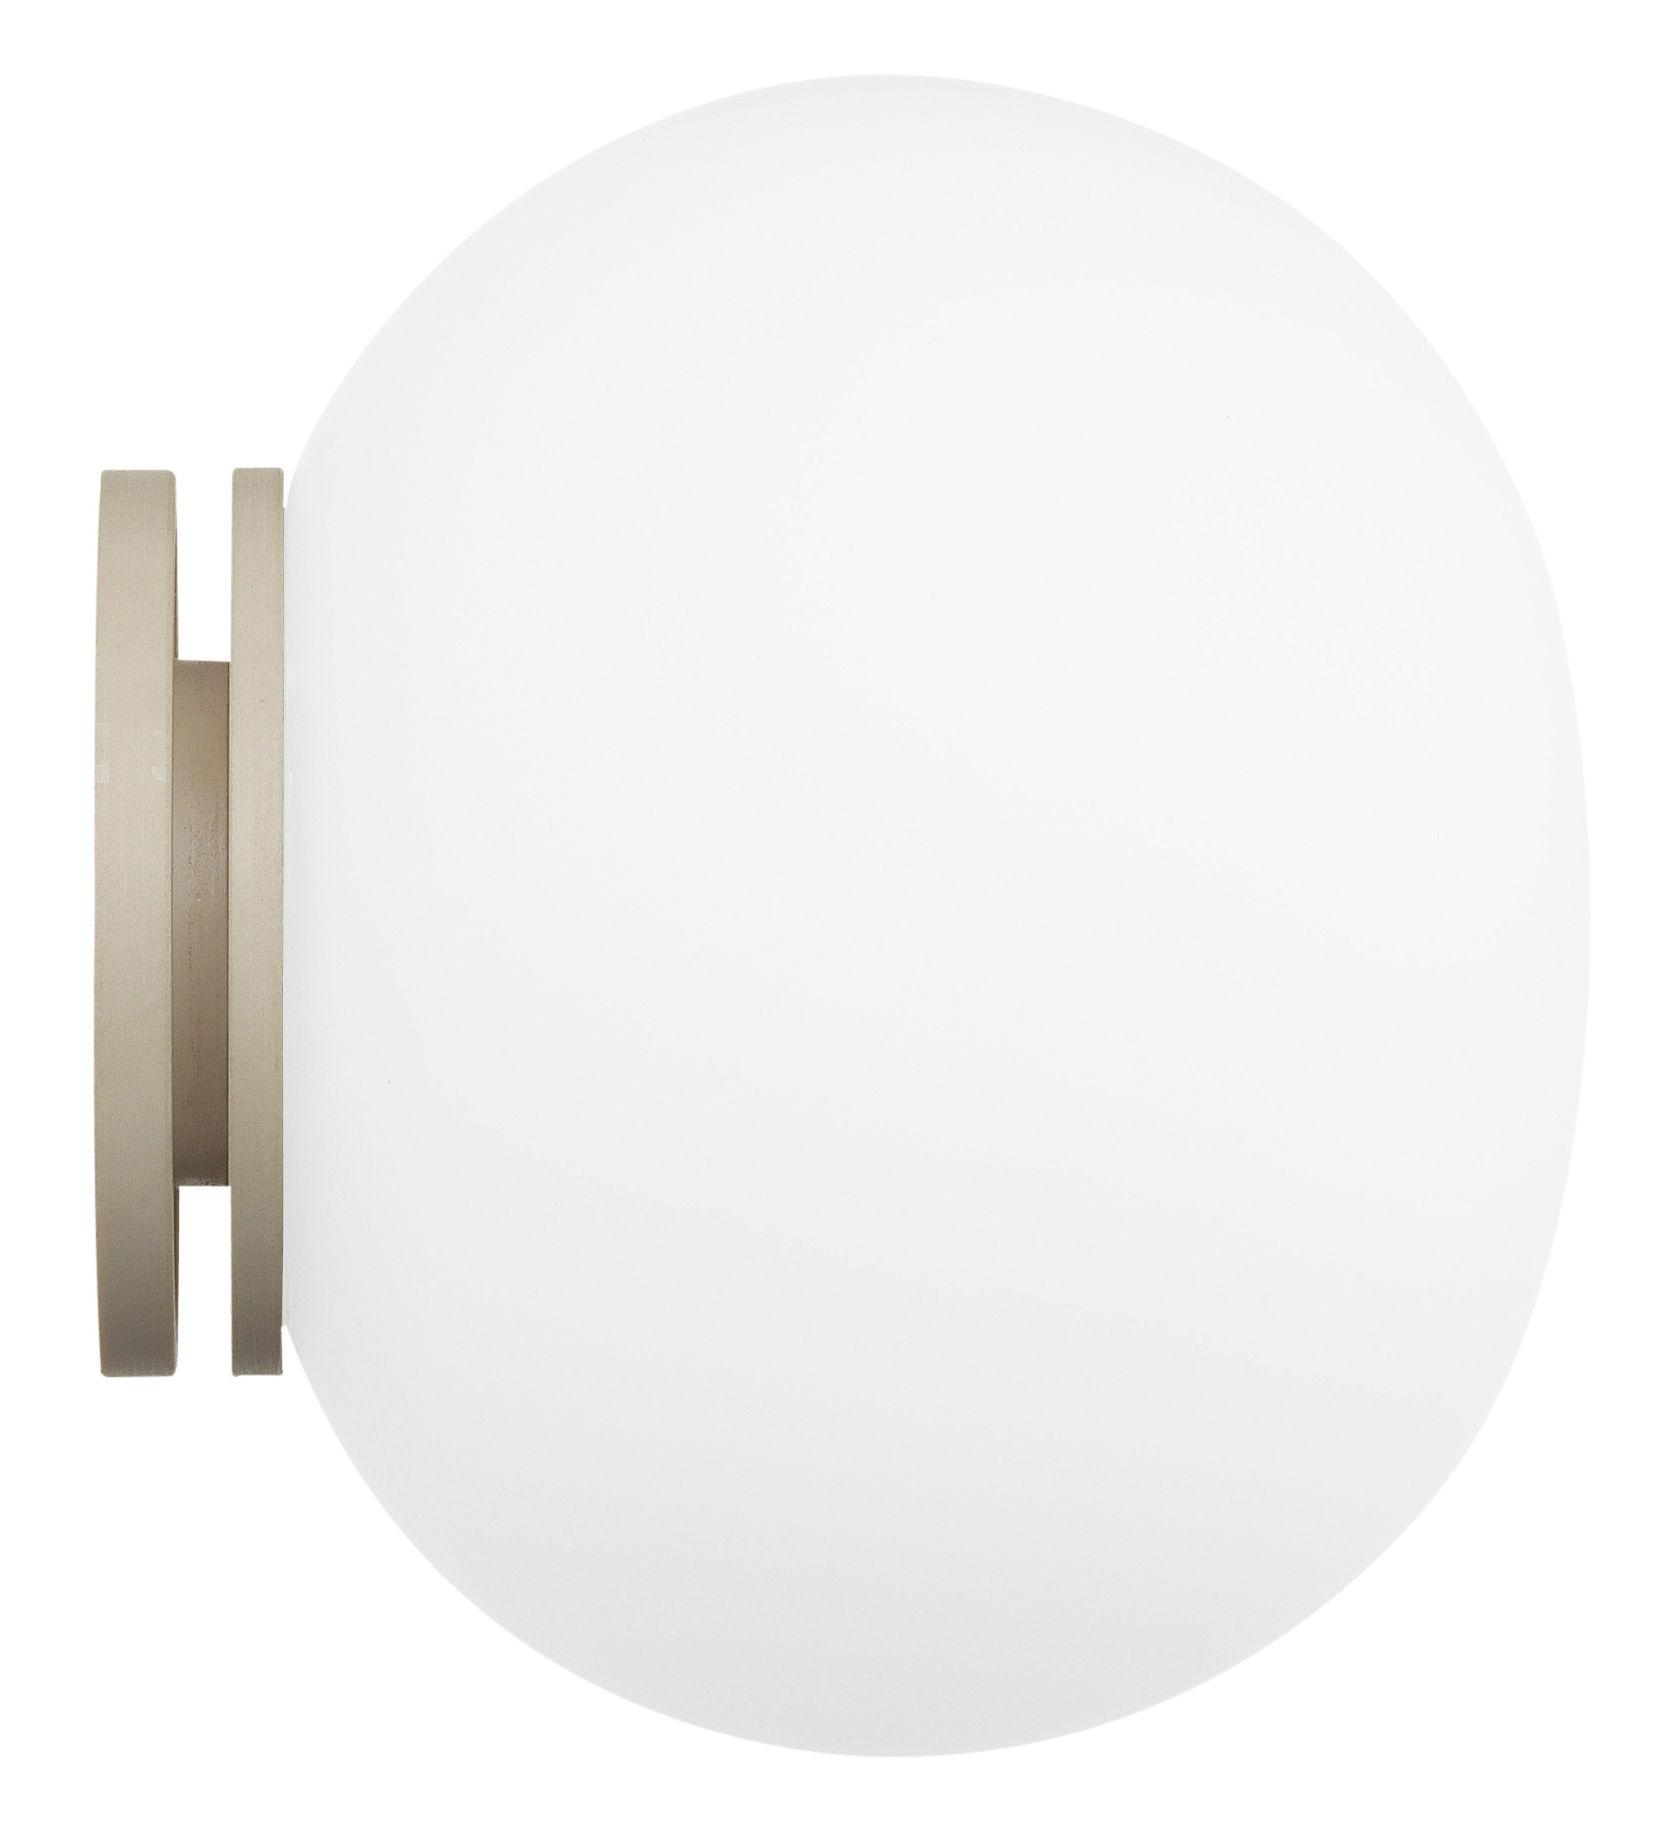 Leuchten - Wandleuchten - Mini Glo-Ball Wandleuchte Deckenleuchte - Flos - Weiß - Glas